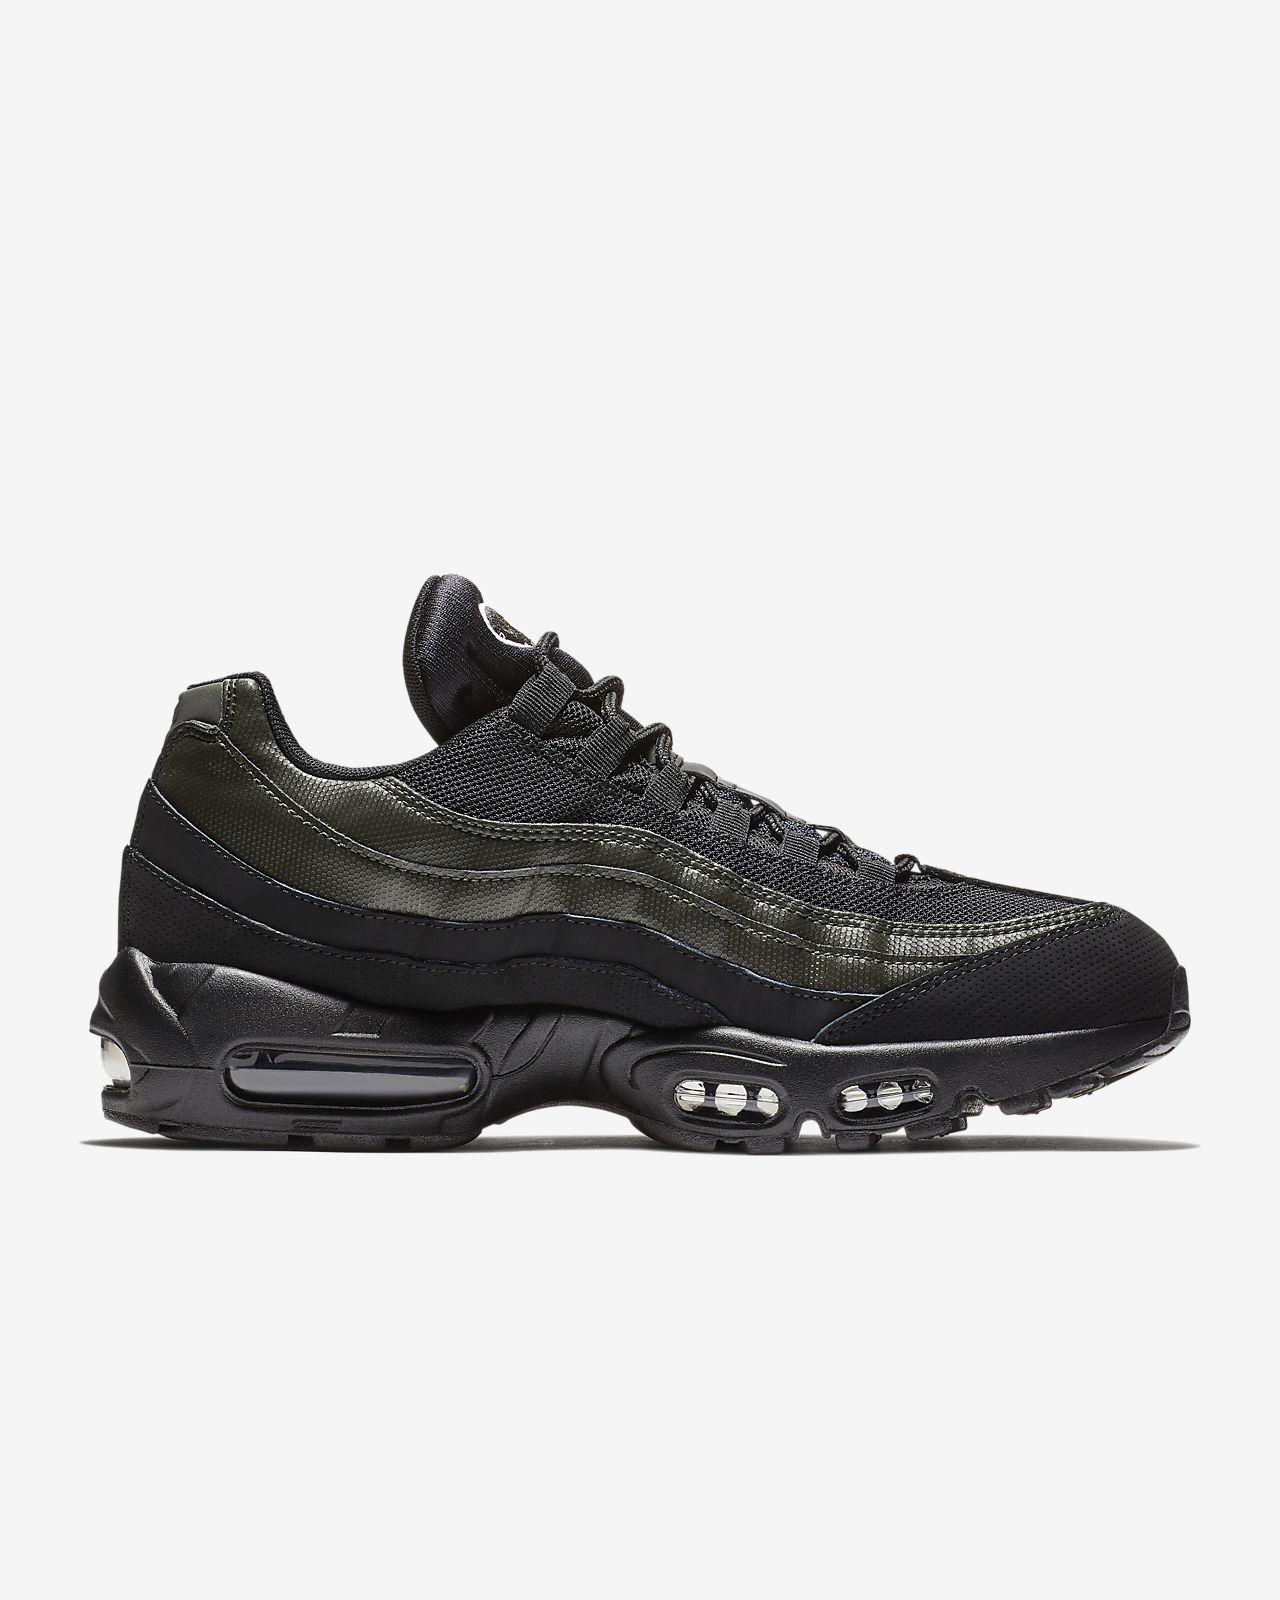 Goedkope Geweldige Aanbiedingen Nike Air Max 95 schoenen zwart Goedkope Koop Echte Met Paypal Lage Prijs ojcTRk